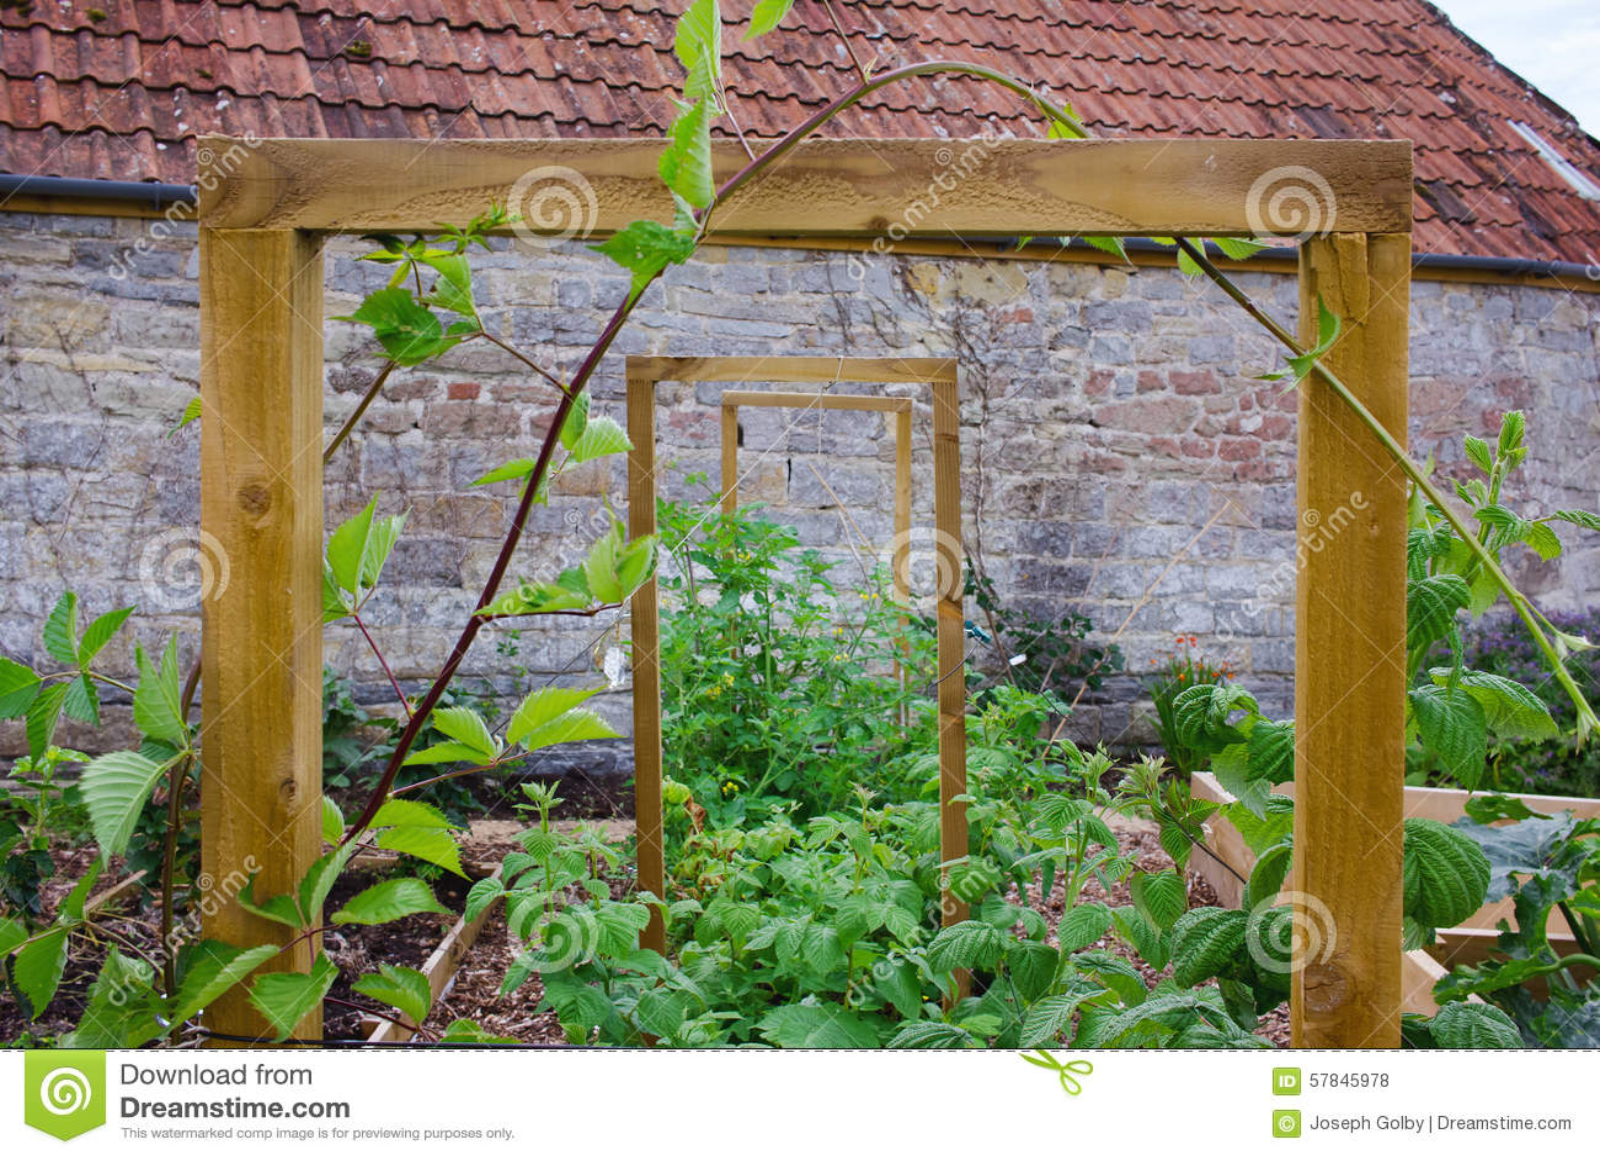 Raised Flower Garden Plans